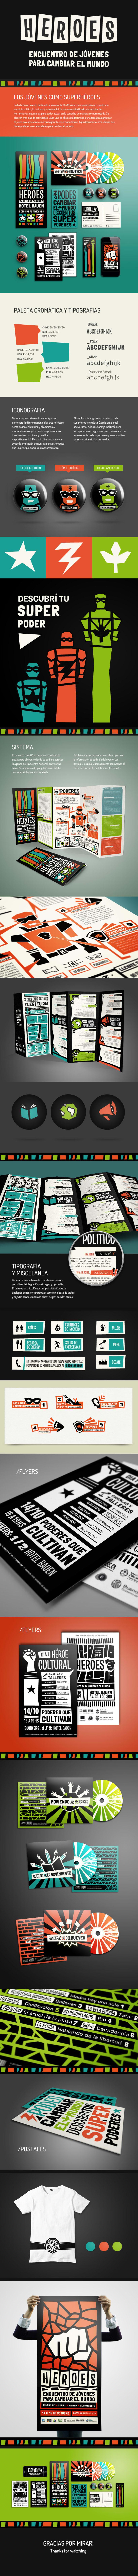 Héroes / Encuentro Nacional -1